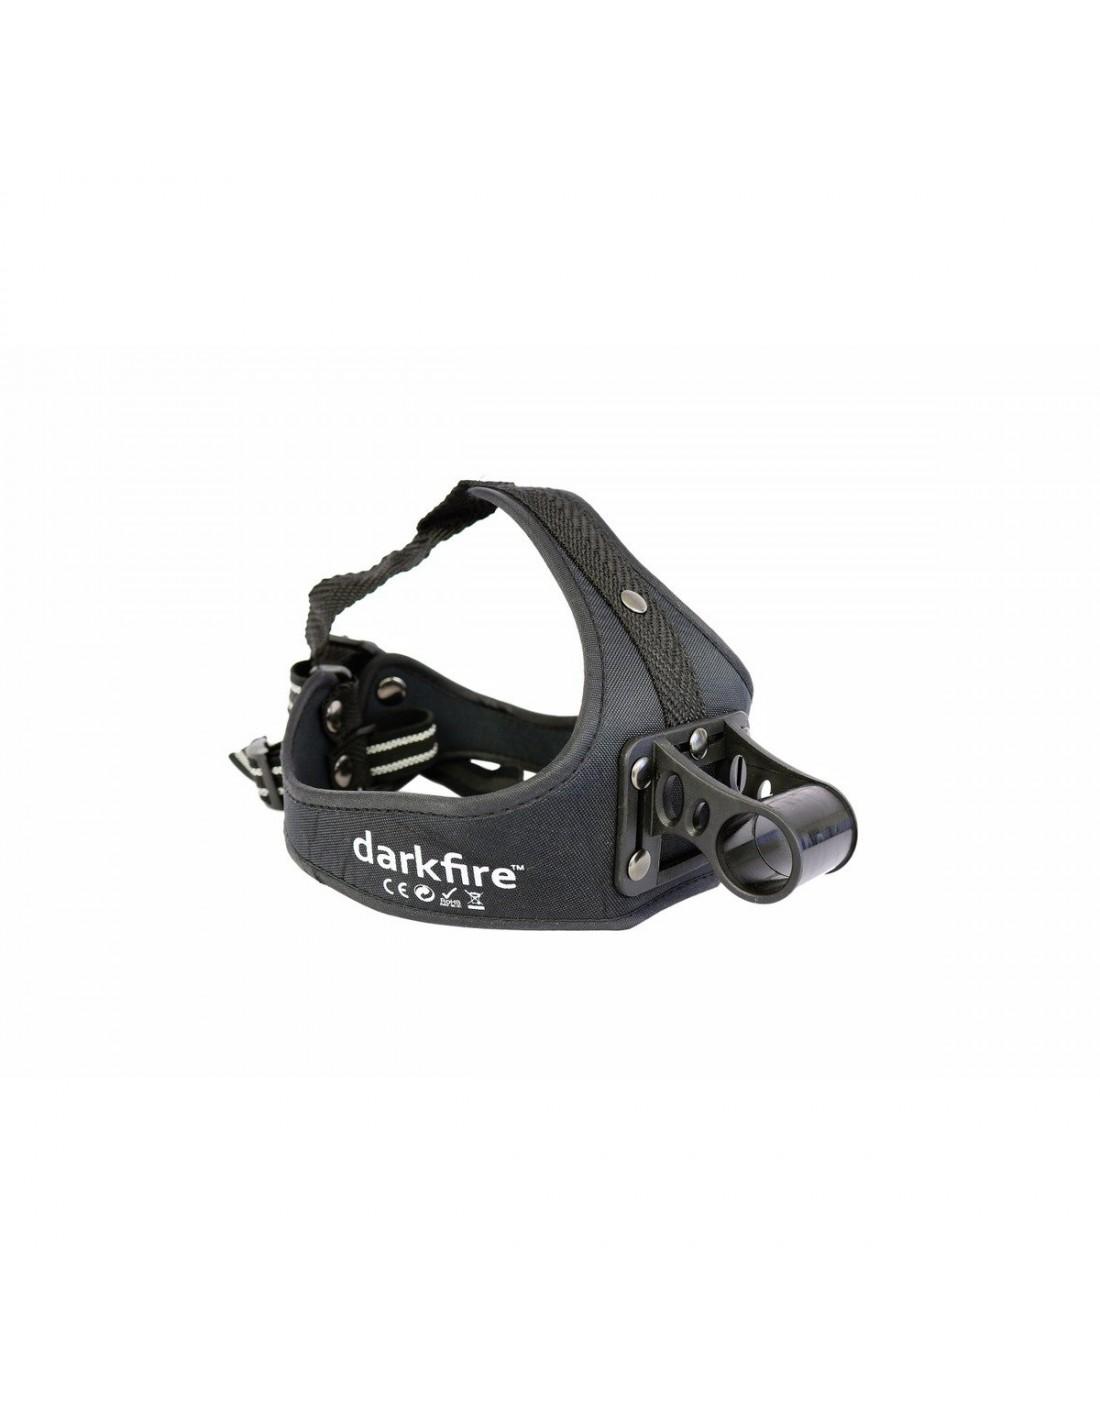 Tilbehør Darkfire Hodebånd 90032420 249 kr